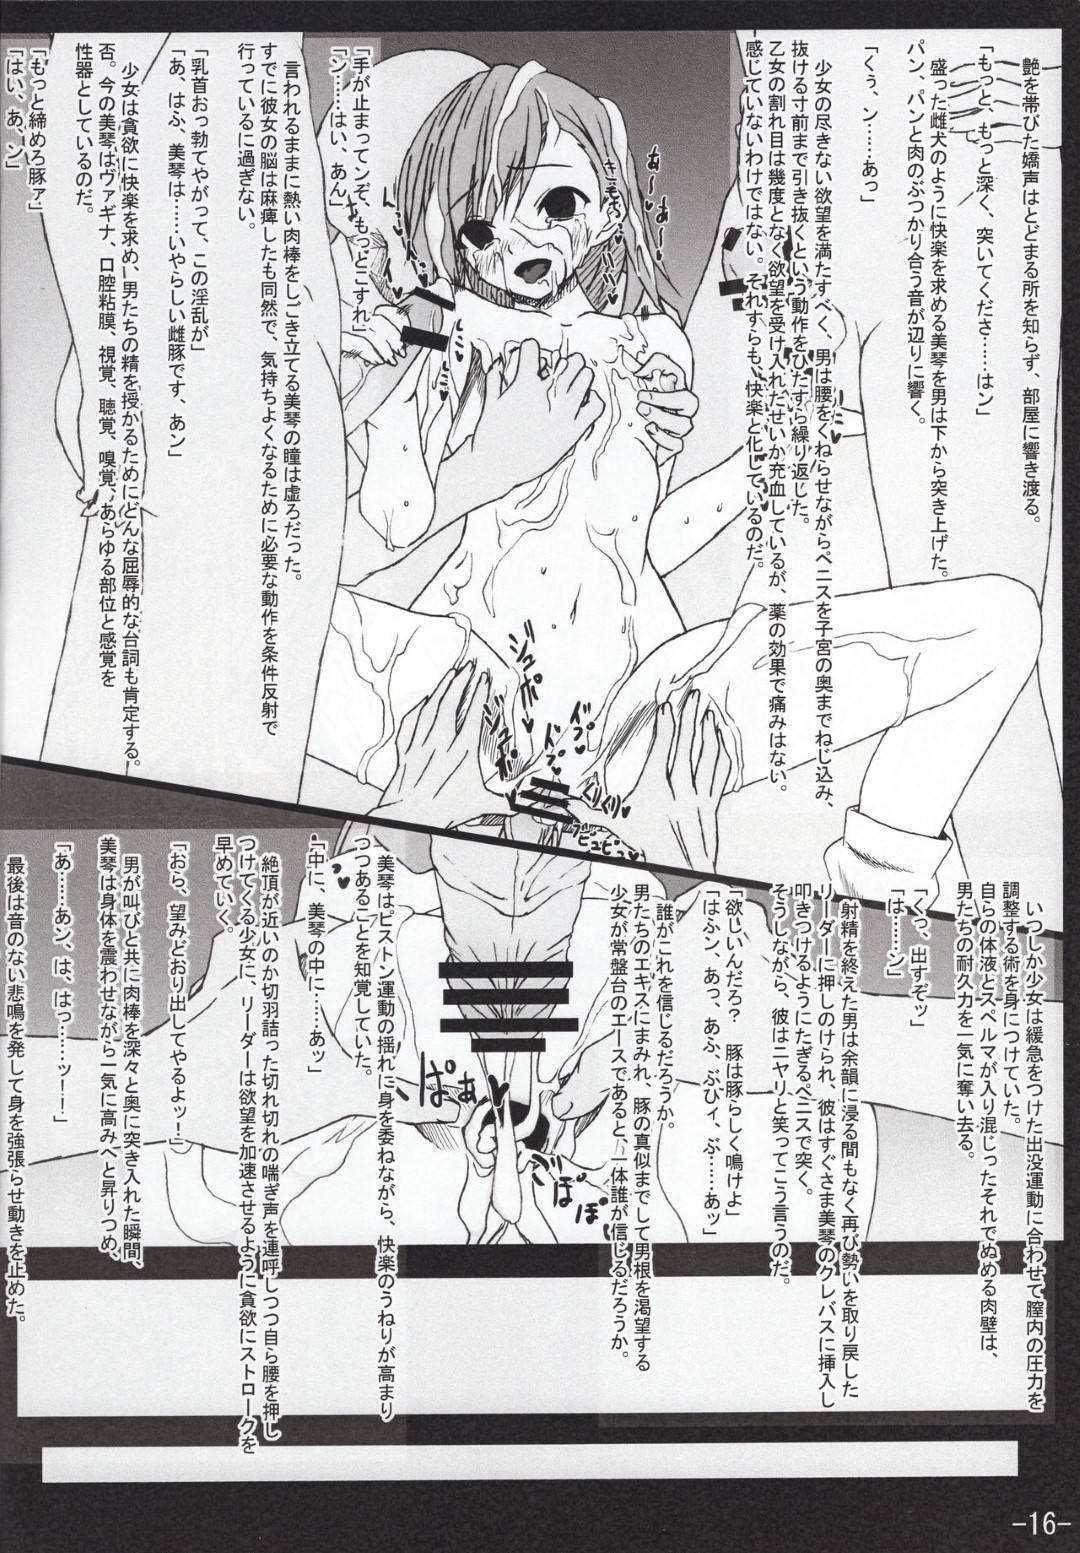 【エロ漫画】【エロ漫画】何も言われずに男子生徒に人気のない場所へ連れて行かれるJK…キスからフェラでご奉仕した後に挿入して、全身精子まみれになるまでぶっかけられる輪姦セックス!【いわさきたかし:とある妄想の超電磁本】